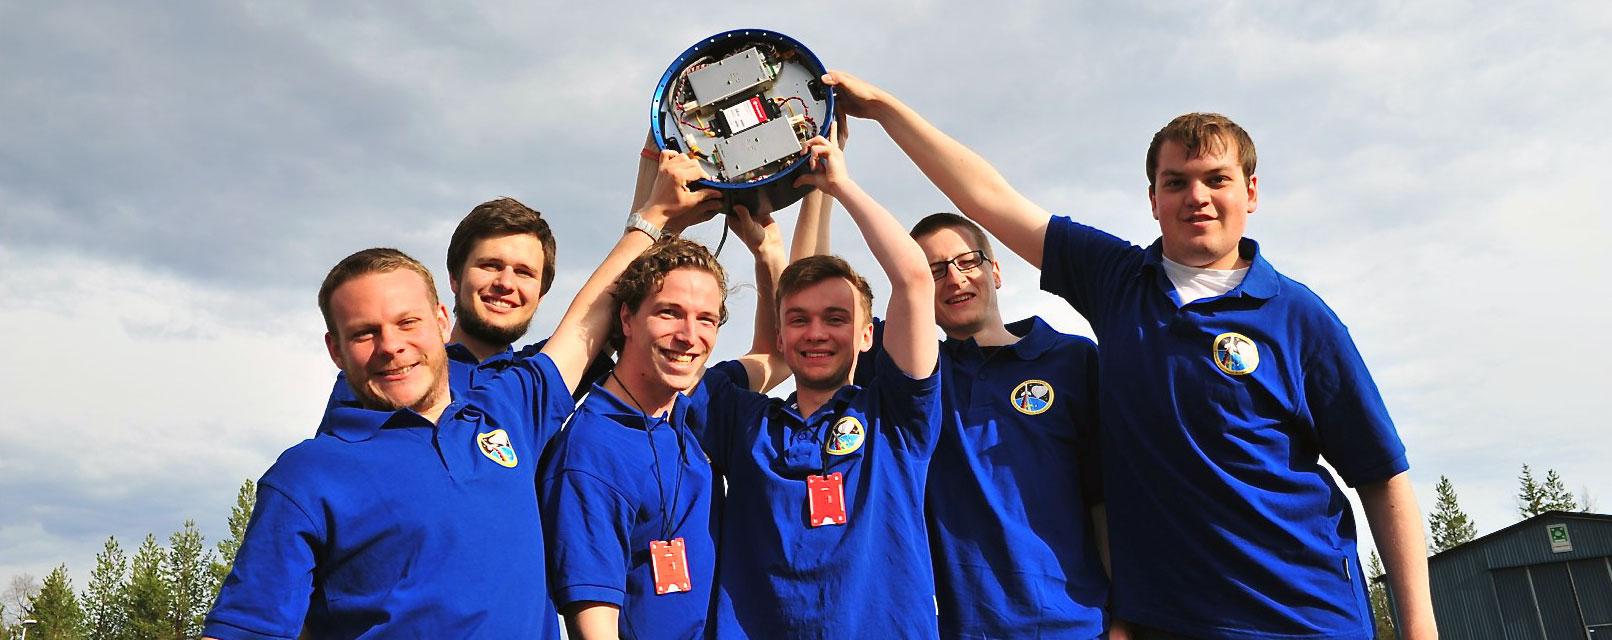 (left to right: Jochen Barf, Thomas Rapp, Sven Geiger, Arthur Scharf, Florian Wolz, Matthias Bergmann )